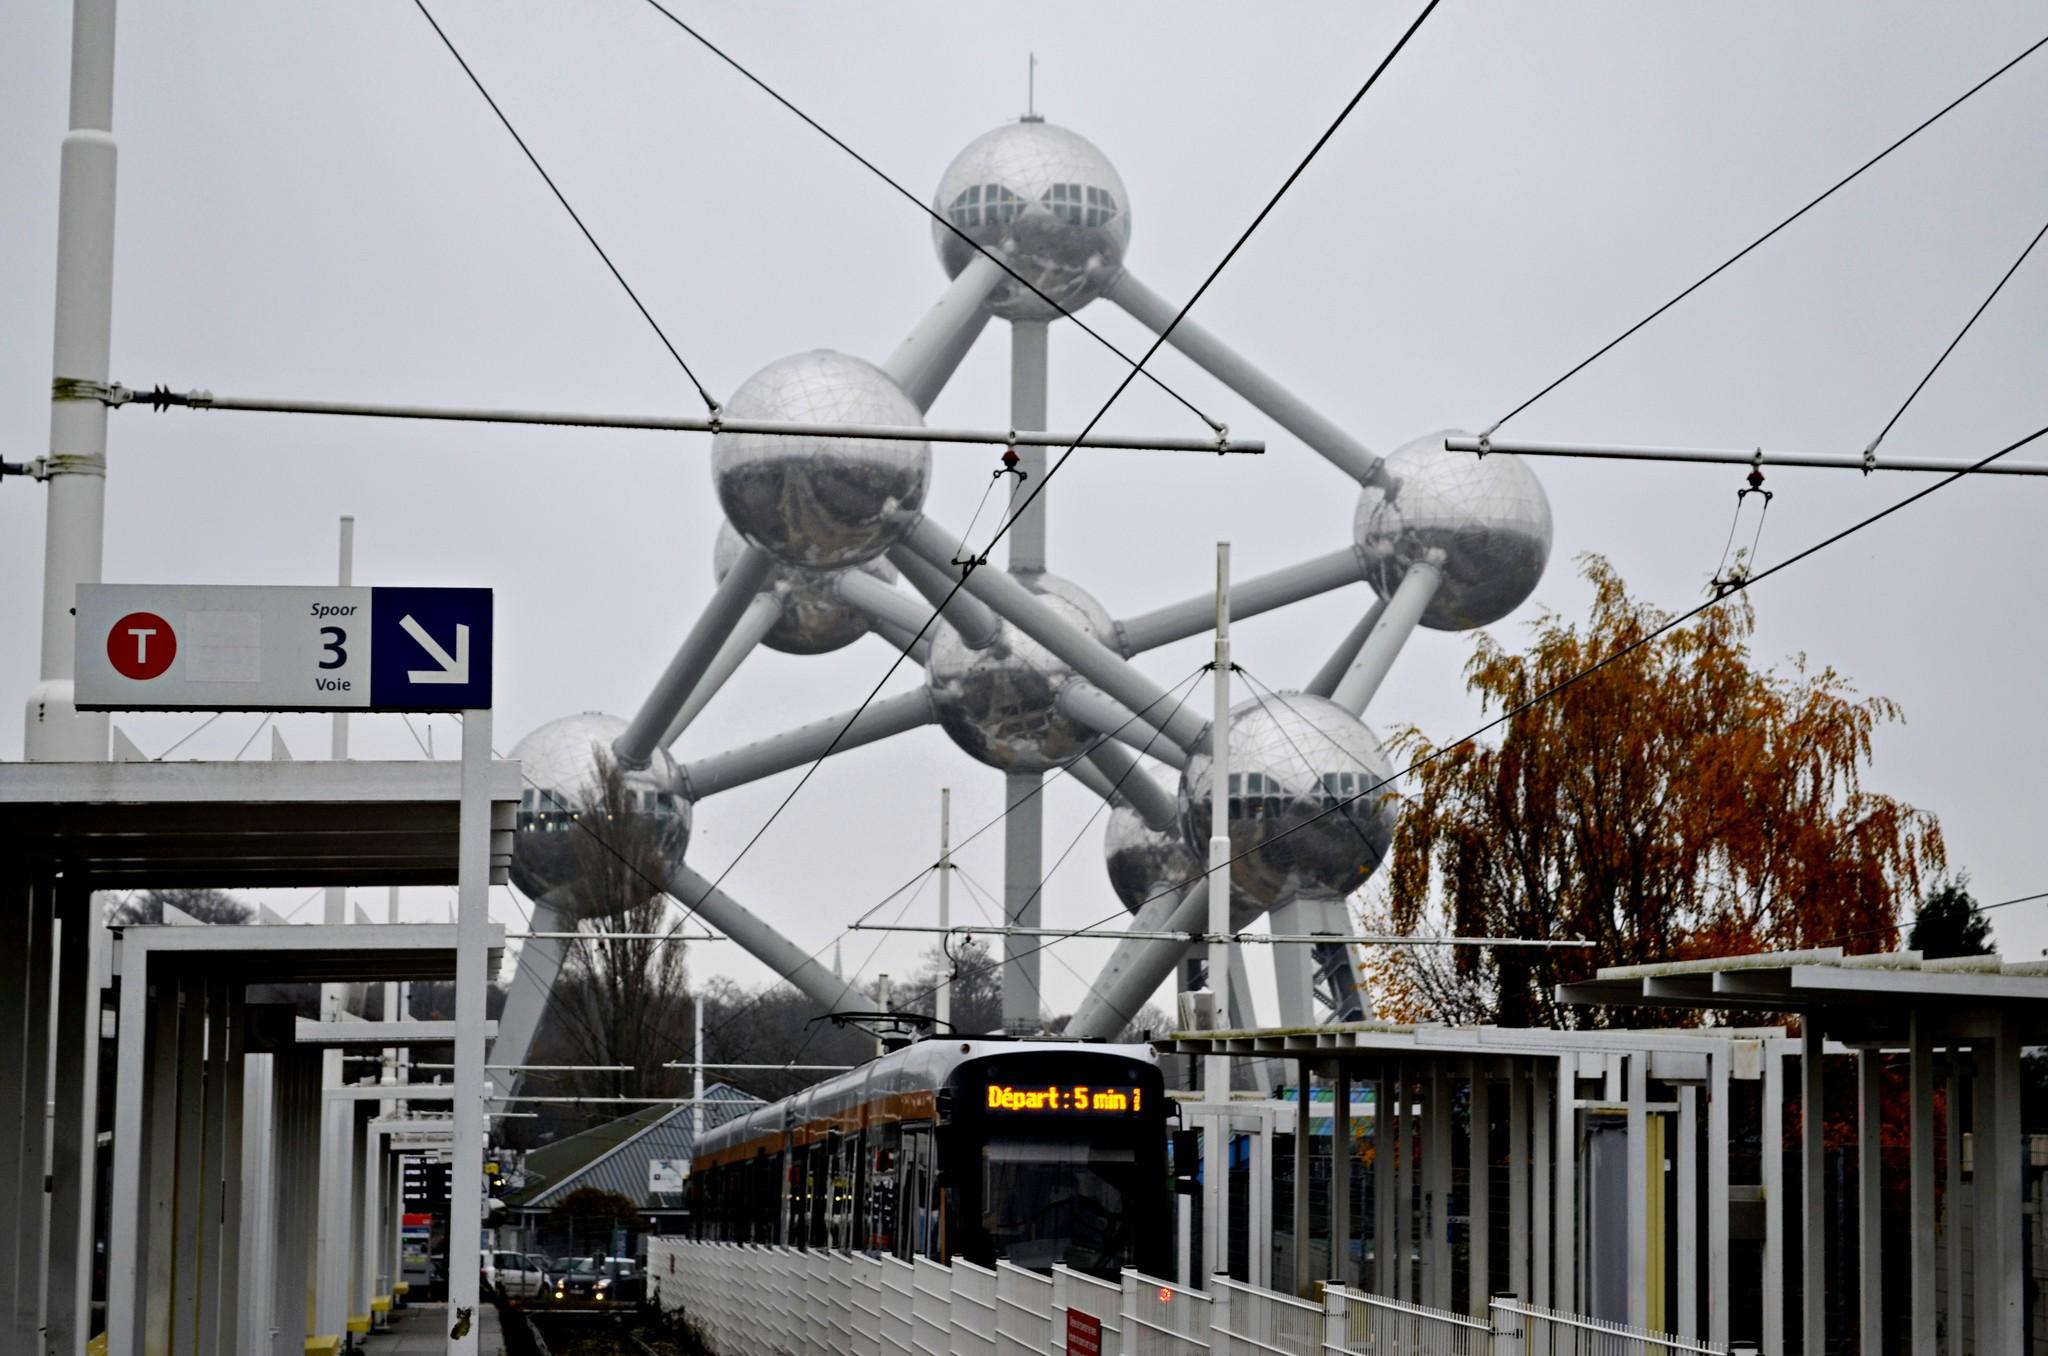 Atomium de Bruxelas fotografado a partir da estação de metro Heizel